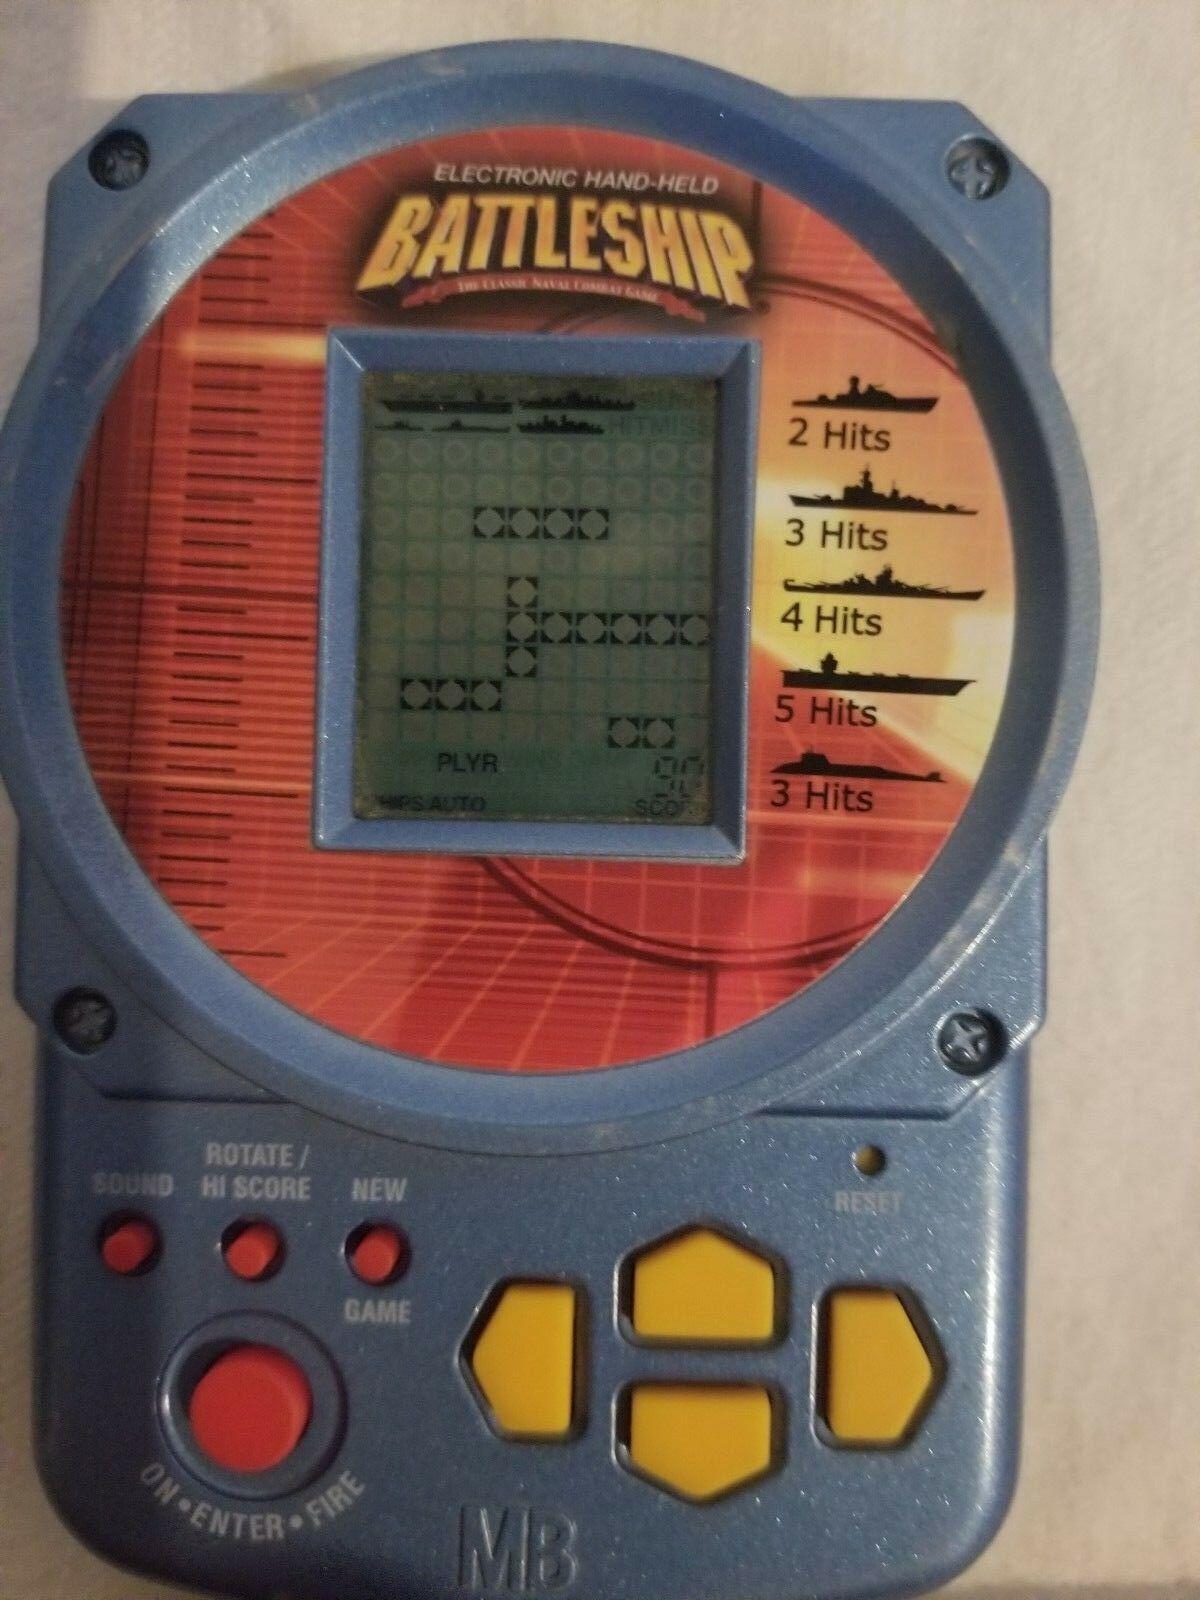 Battleship handheld electronic game